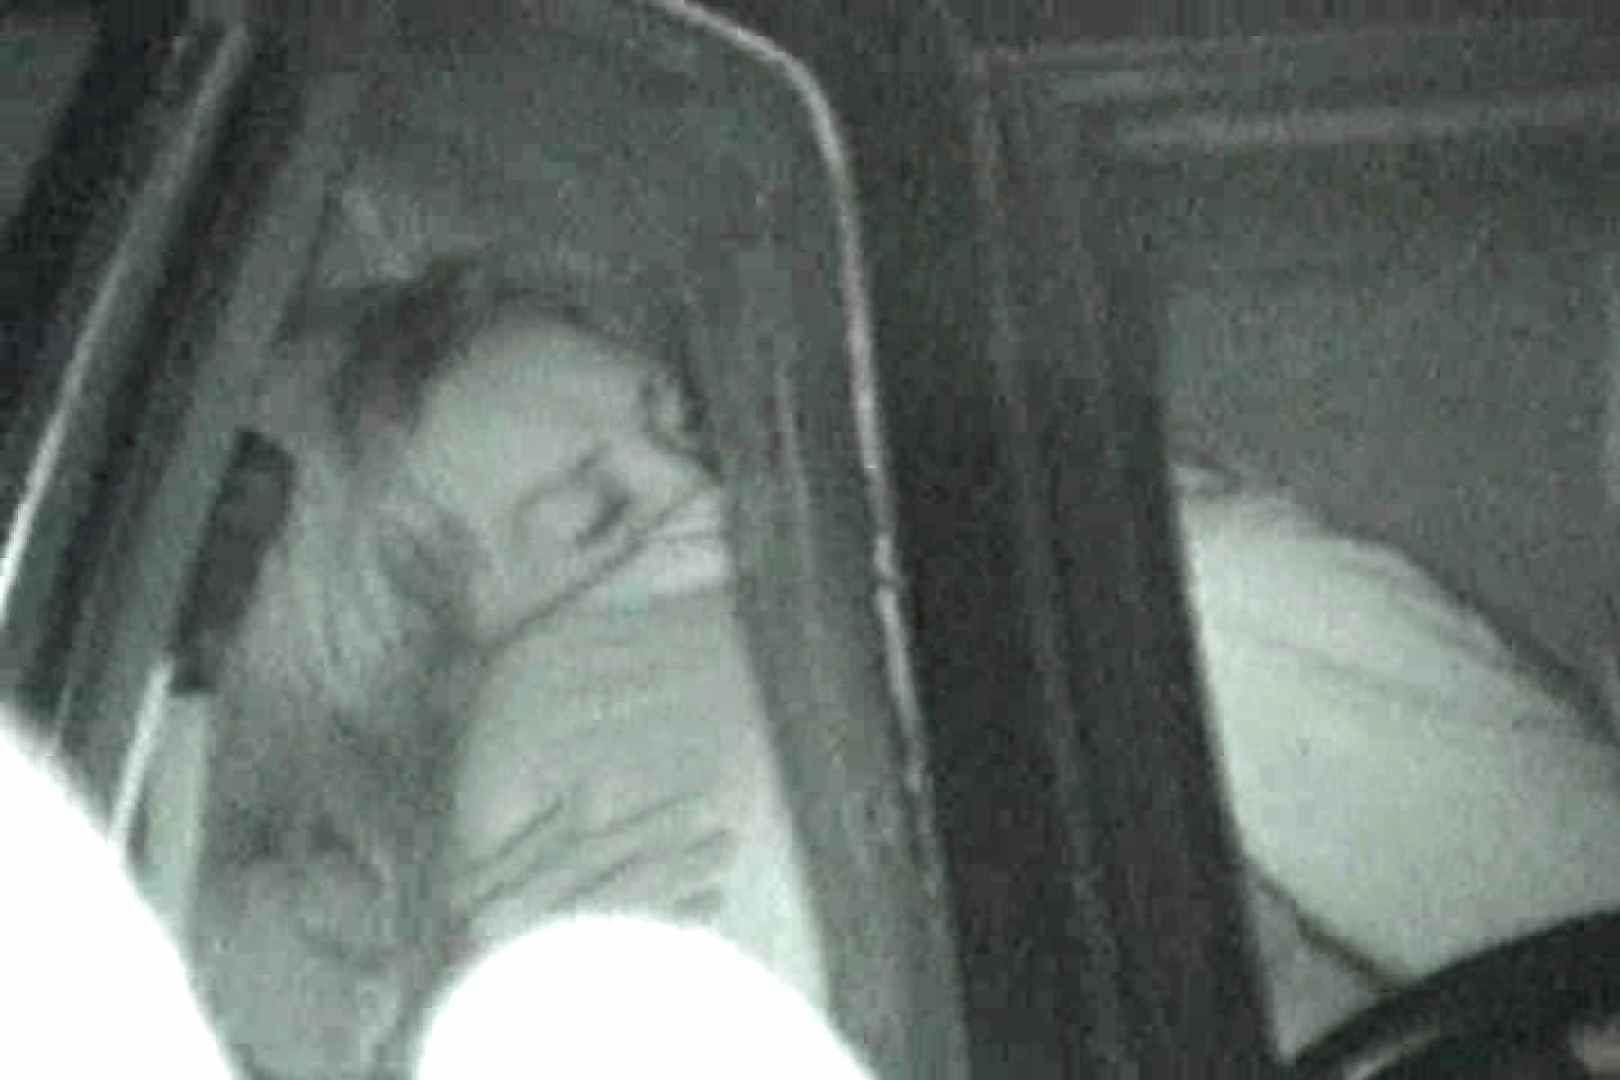 充血監督の深夜の運動会Vol.8 チクビ オマンコ無修正動画無料 106画像 64